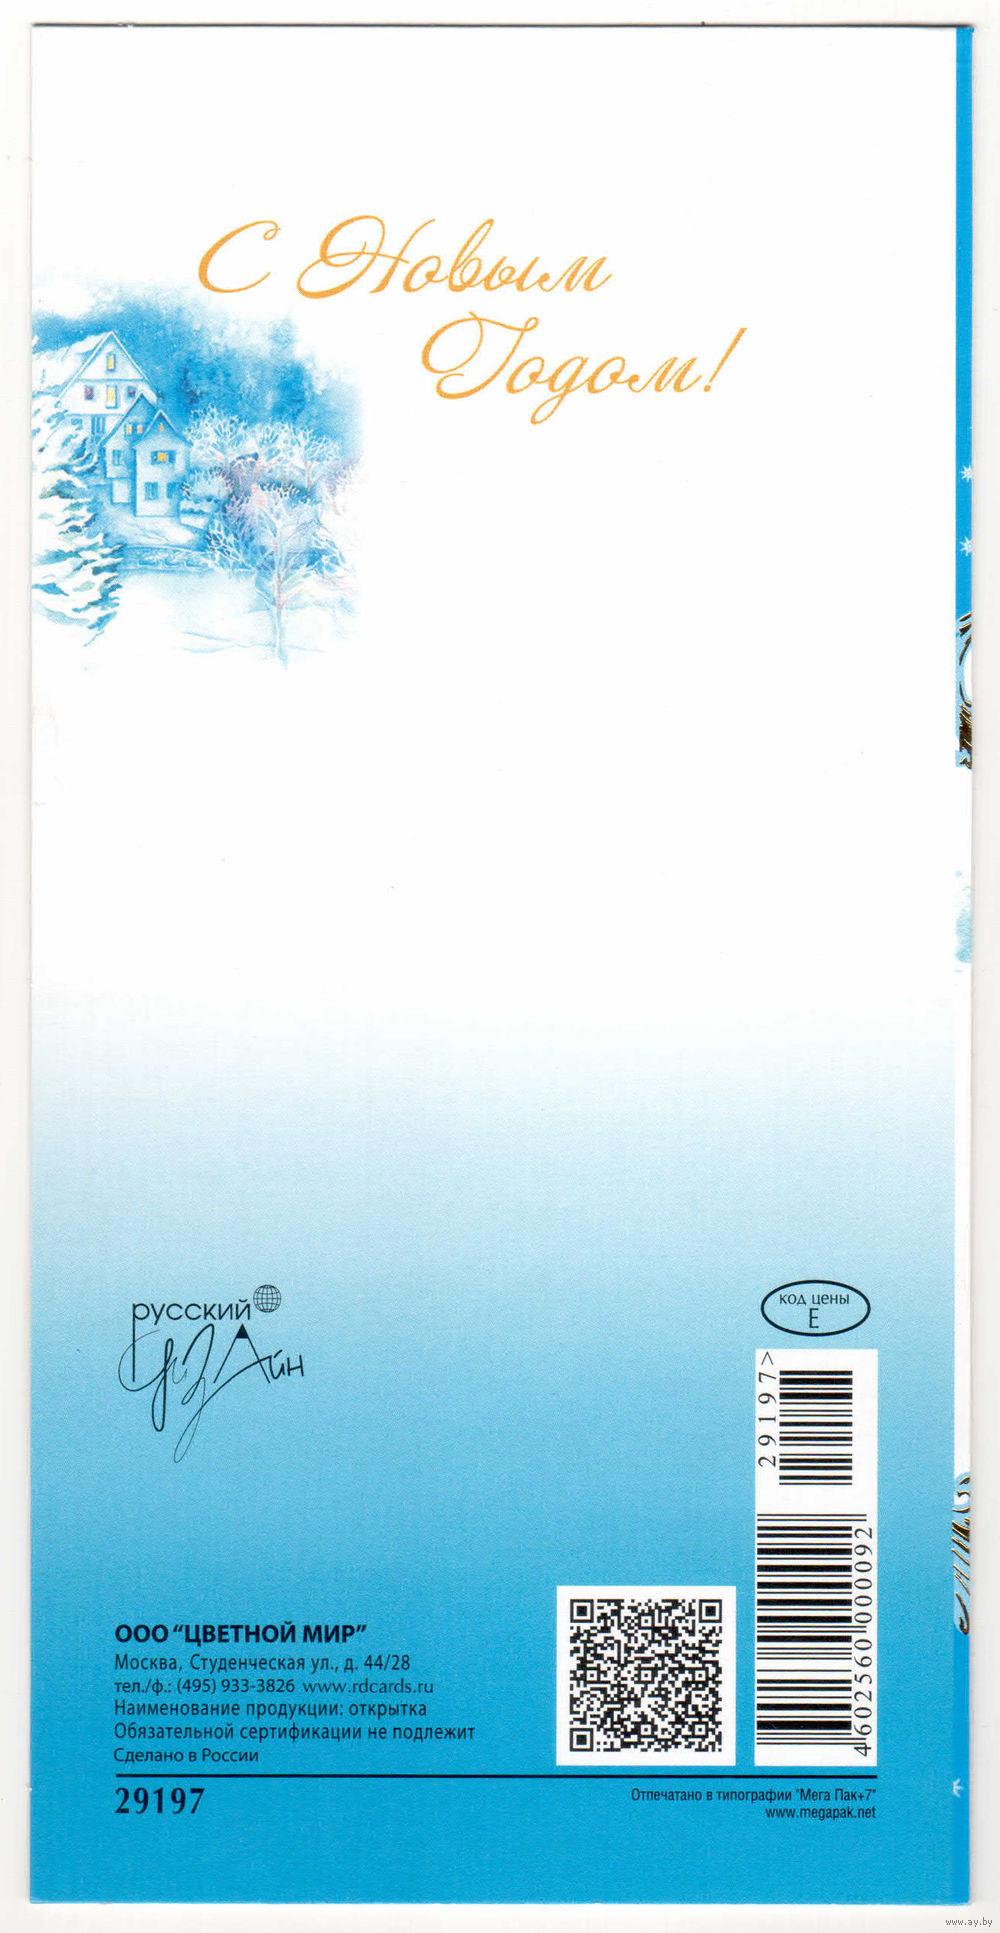 Цена и код открыток 749